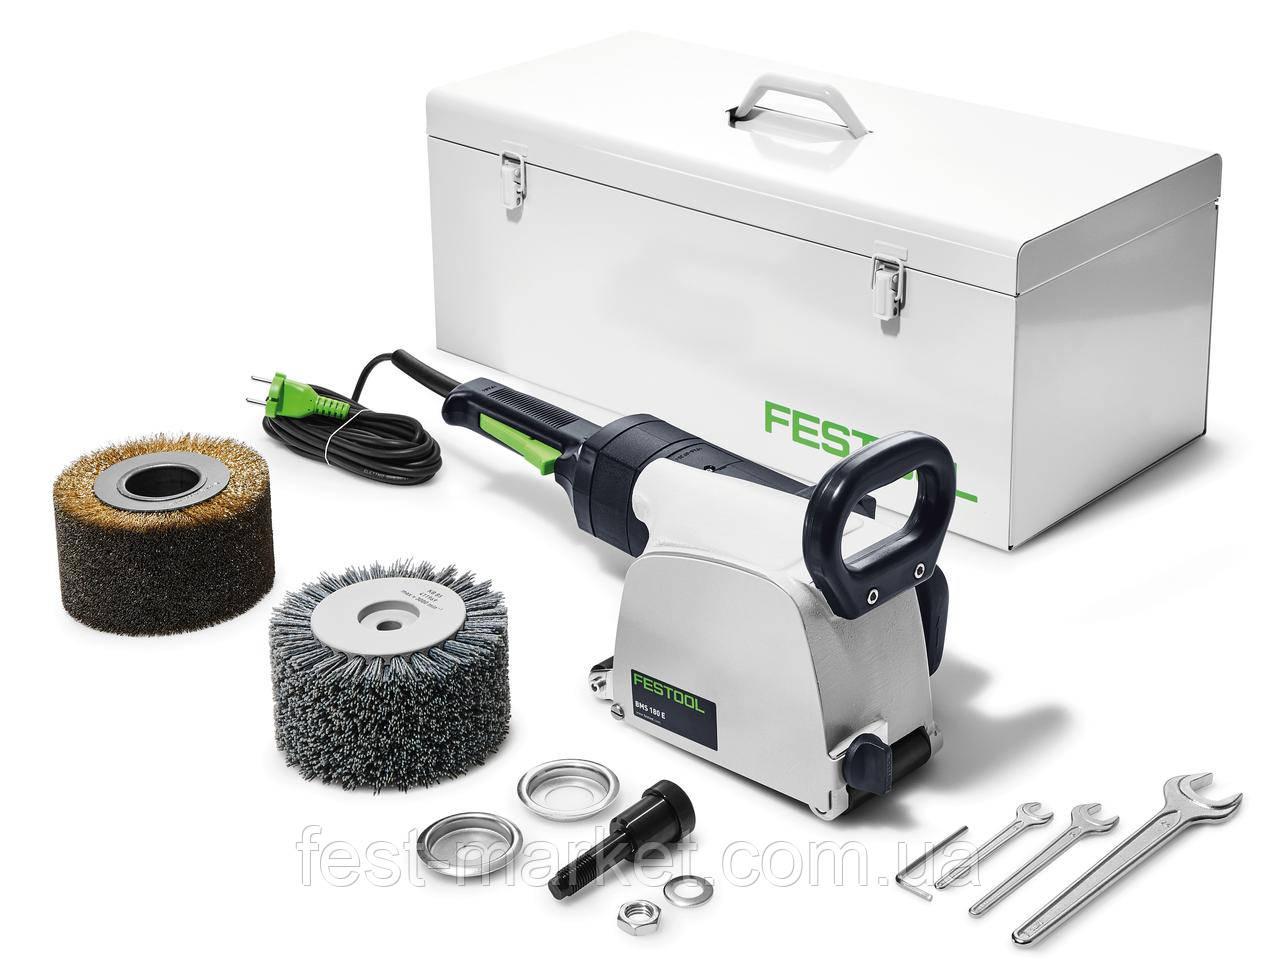 Щёточная шлифовальная машинка для старения древесины RUSTOFIX BMS 180 E Festool 570775